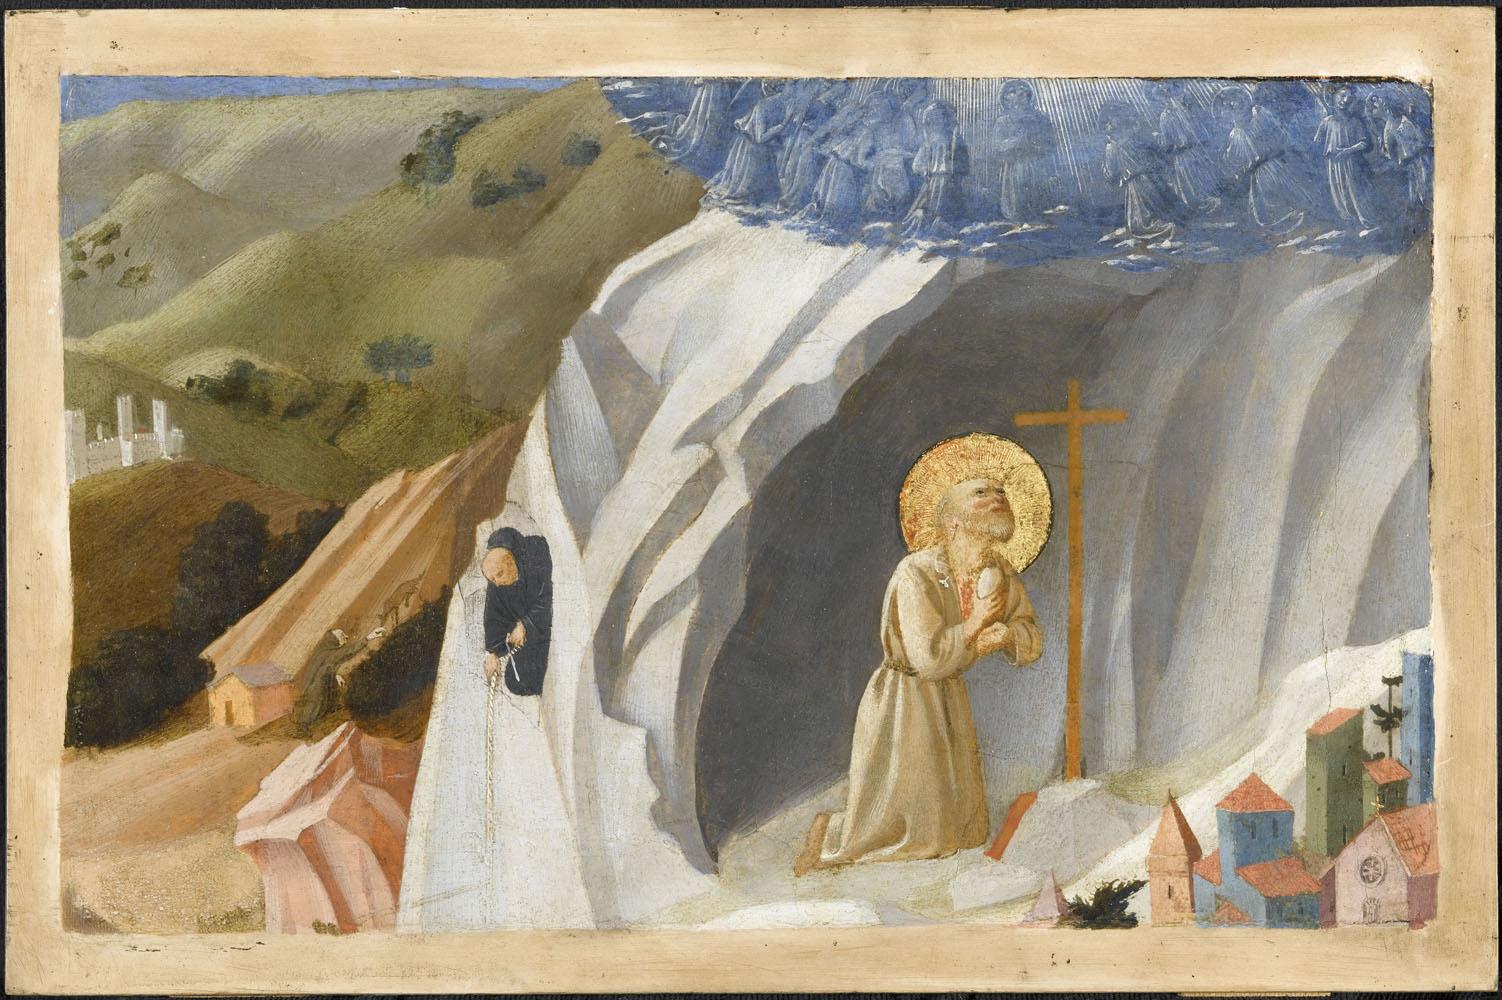 Escena de la Tebaida: san Benito en éxtais en el desierto, por Fra Angelico y su taller.